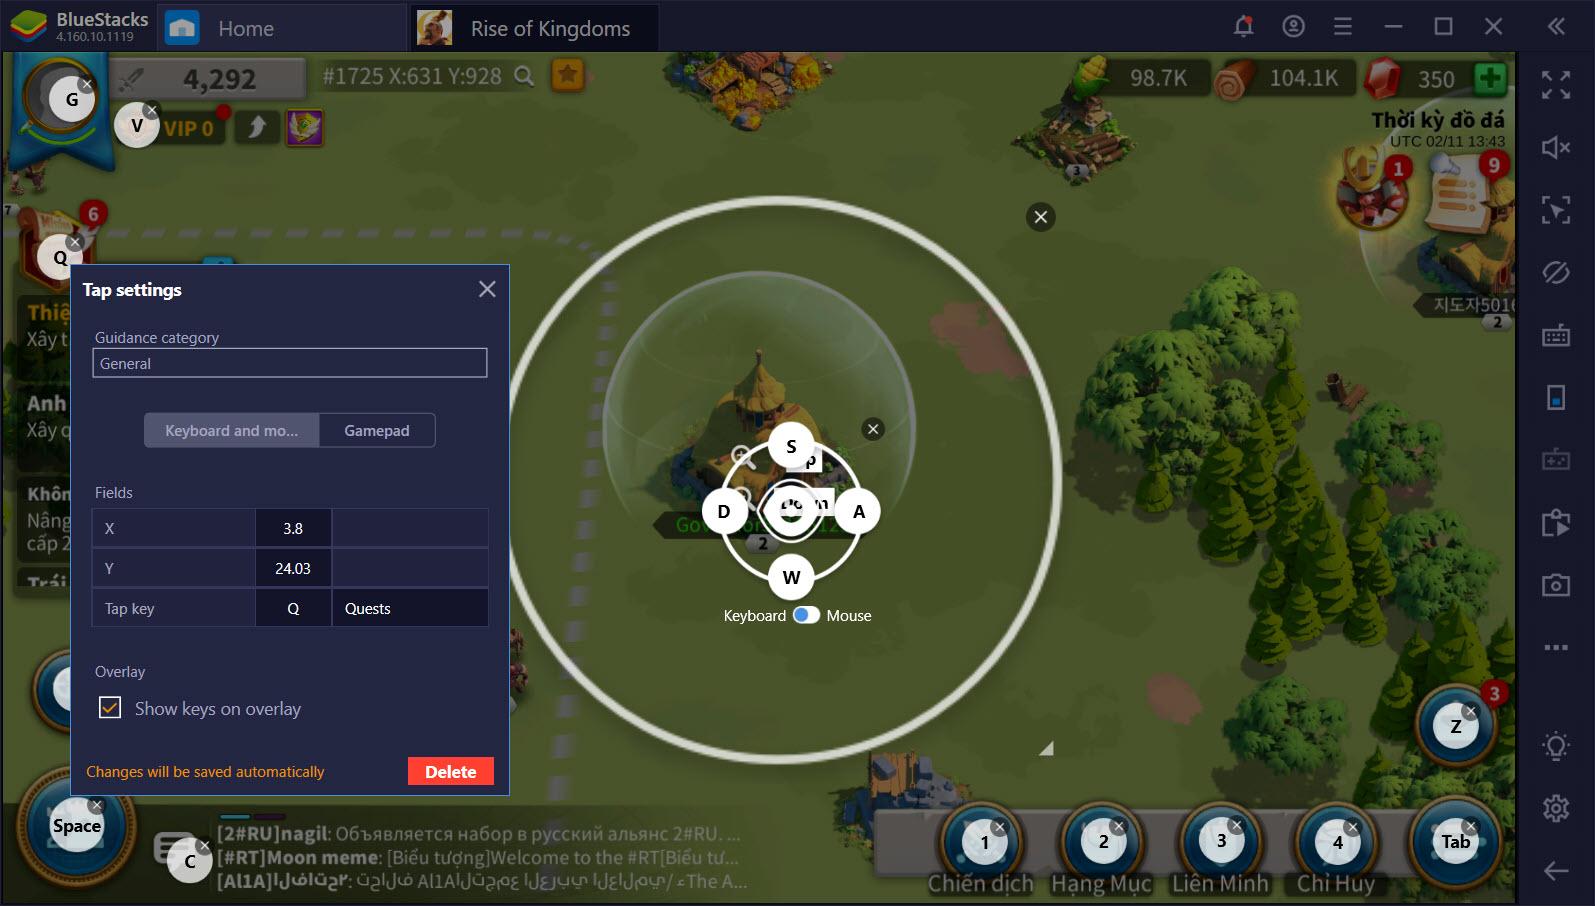 Tối ưu Rise of Kingdoms với thiết lập Game Controls trên BlueStacks